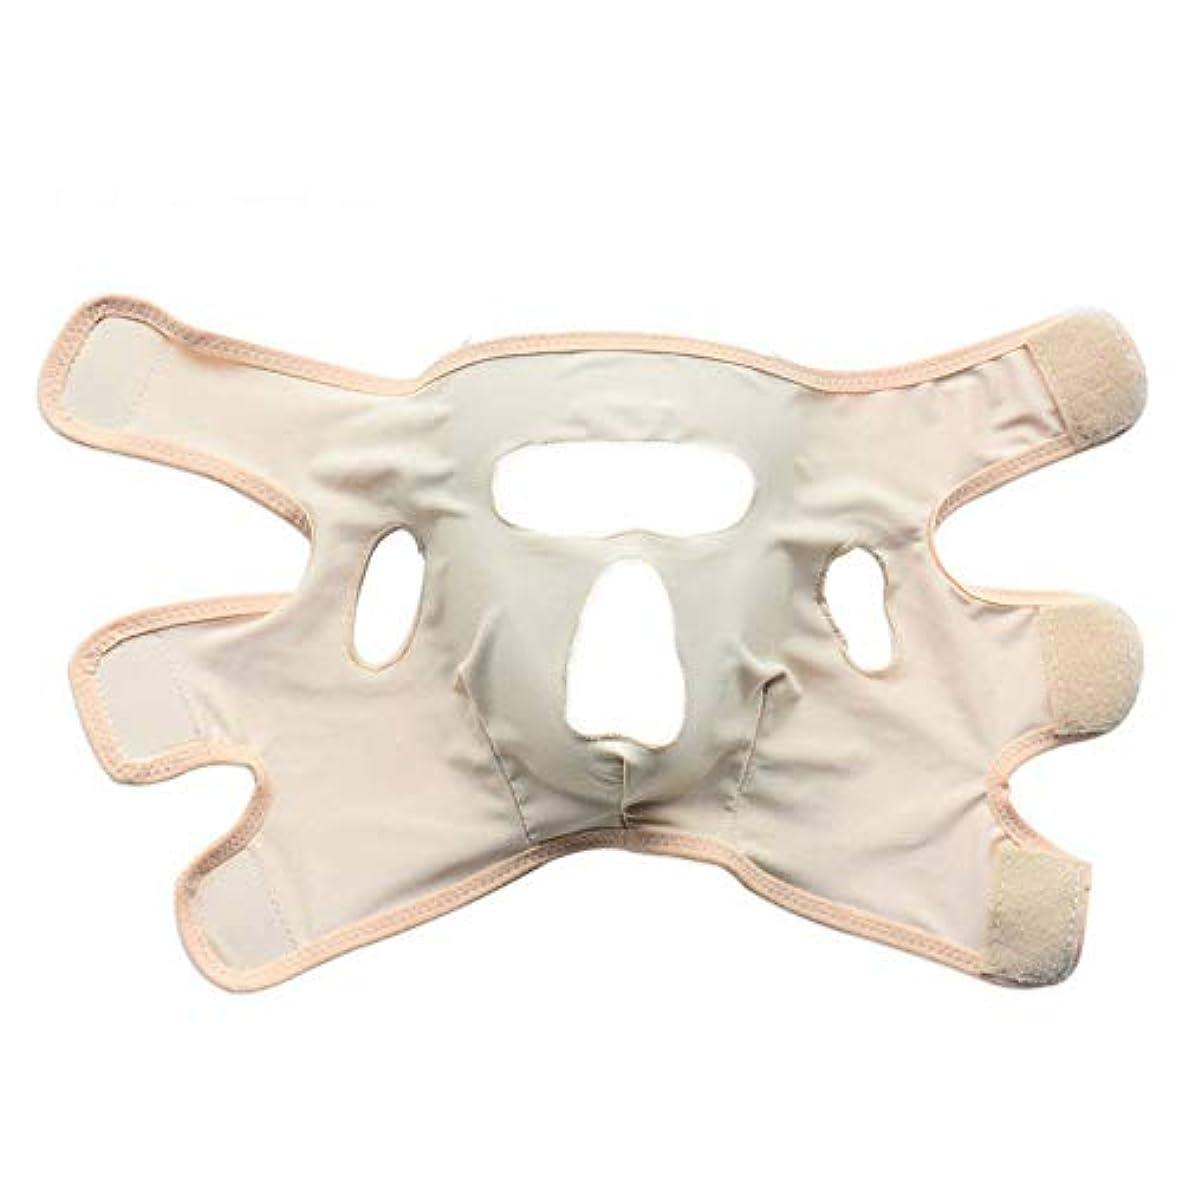 傷つきやすいスリップシューズトリプルフェイスリフティング包帯、Vフェイス薄型ダブルチン睡眠タイトリフティング薄型フェイスベルト/リフティングマスク(カラー),M